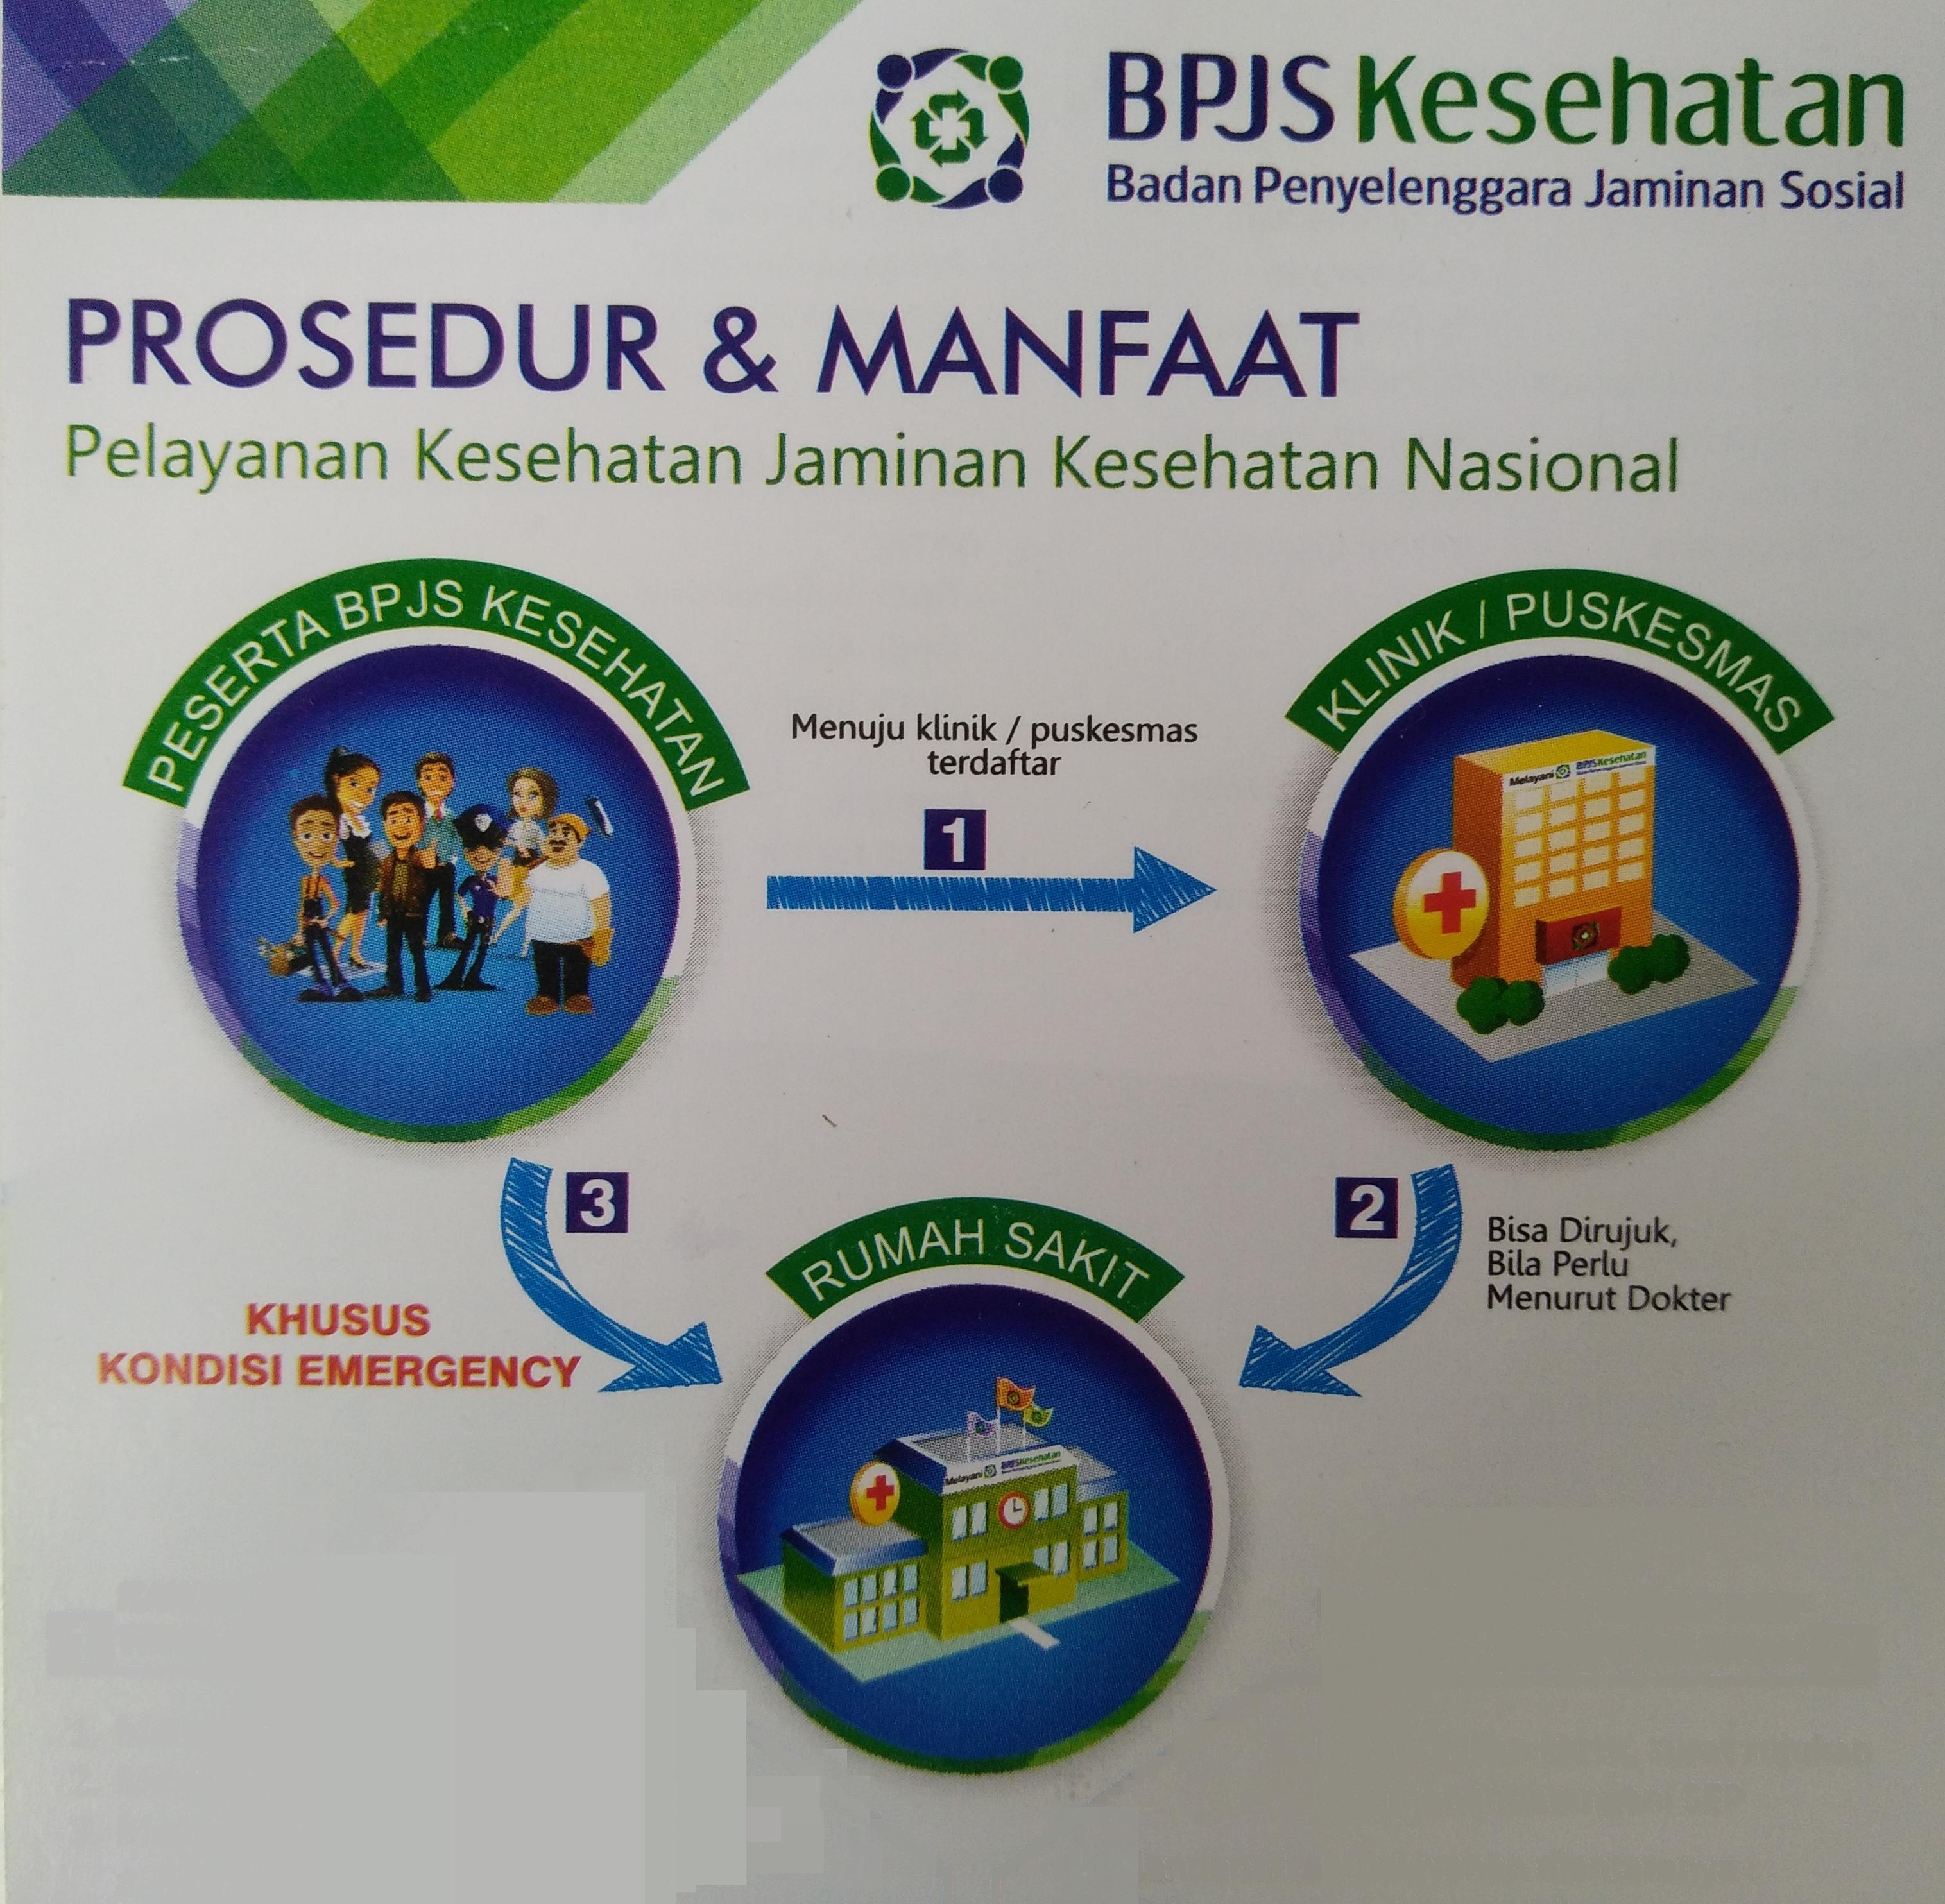 Prosedur dan Manfaat Pelayanan Jaminan Kesehatan Nasional (JKN)